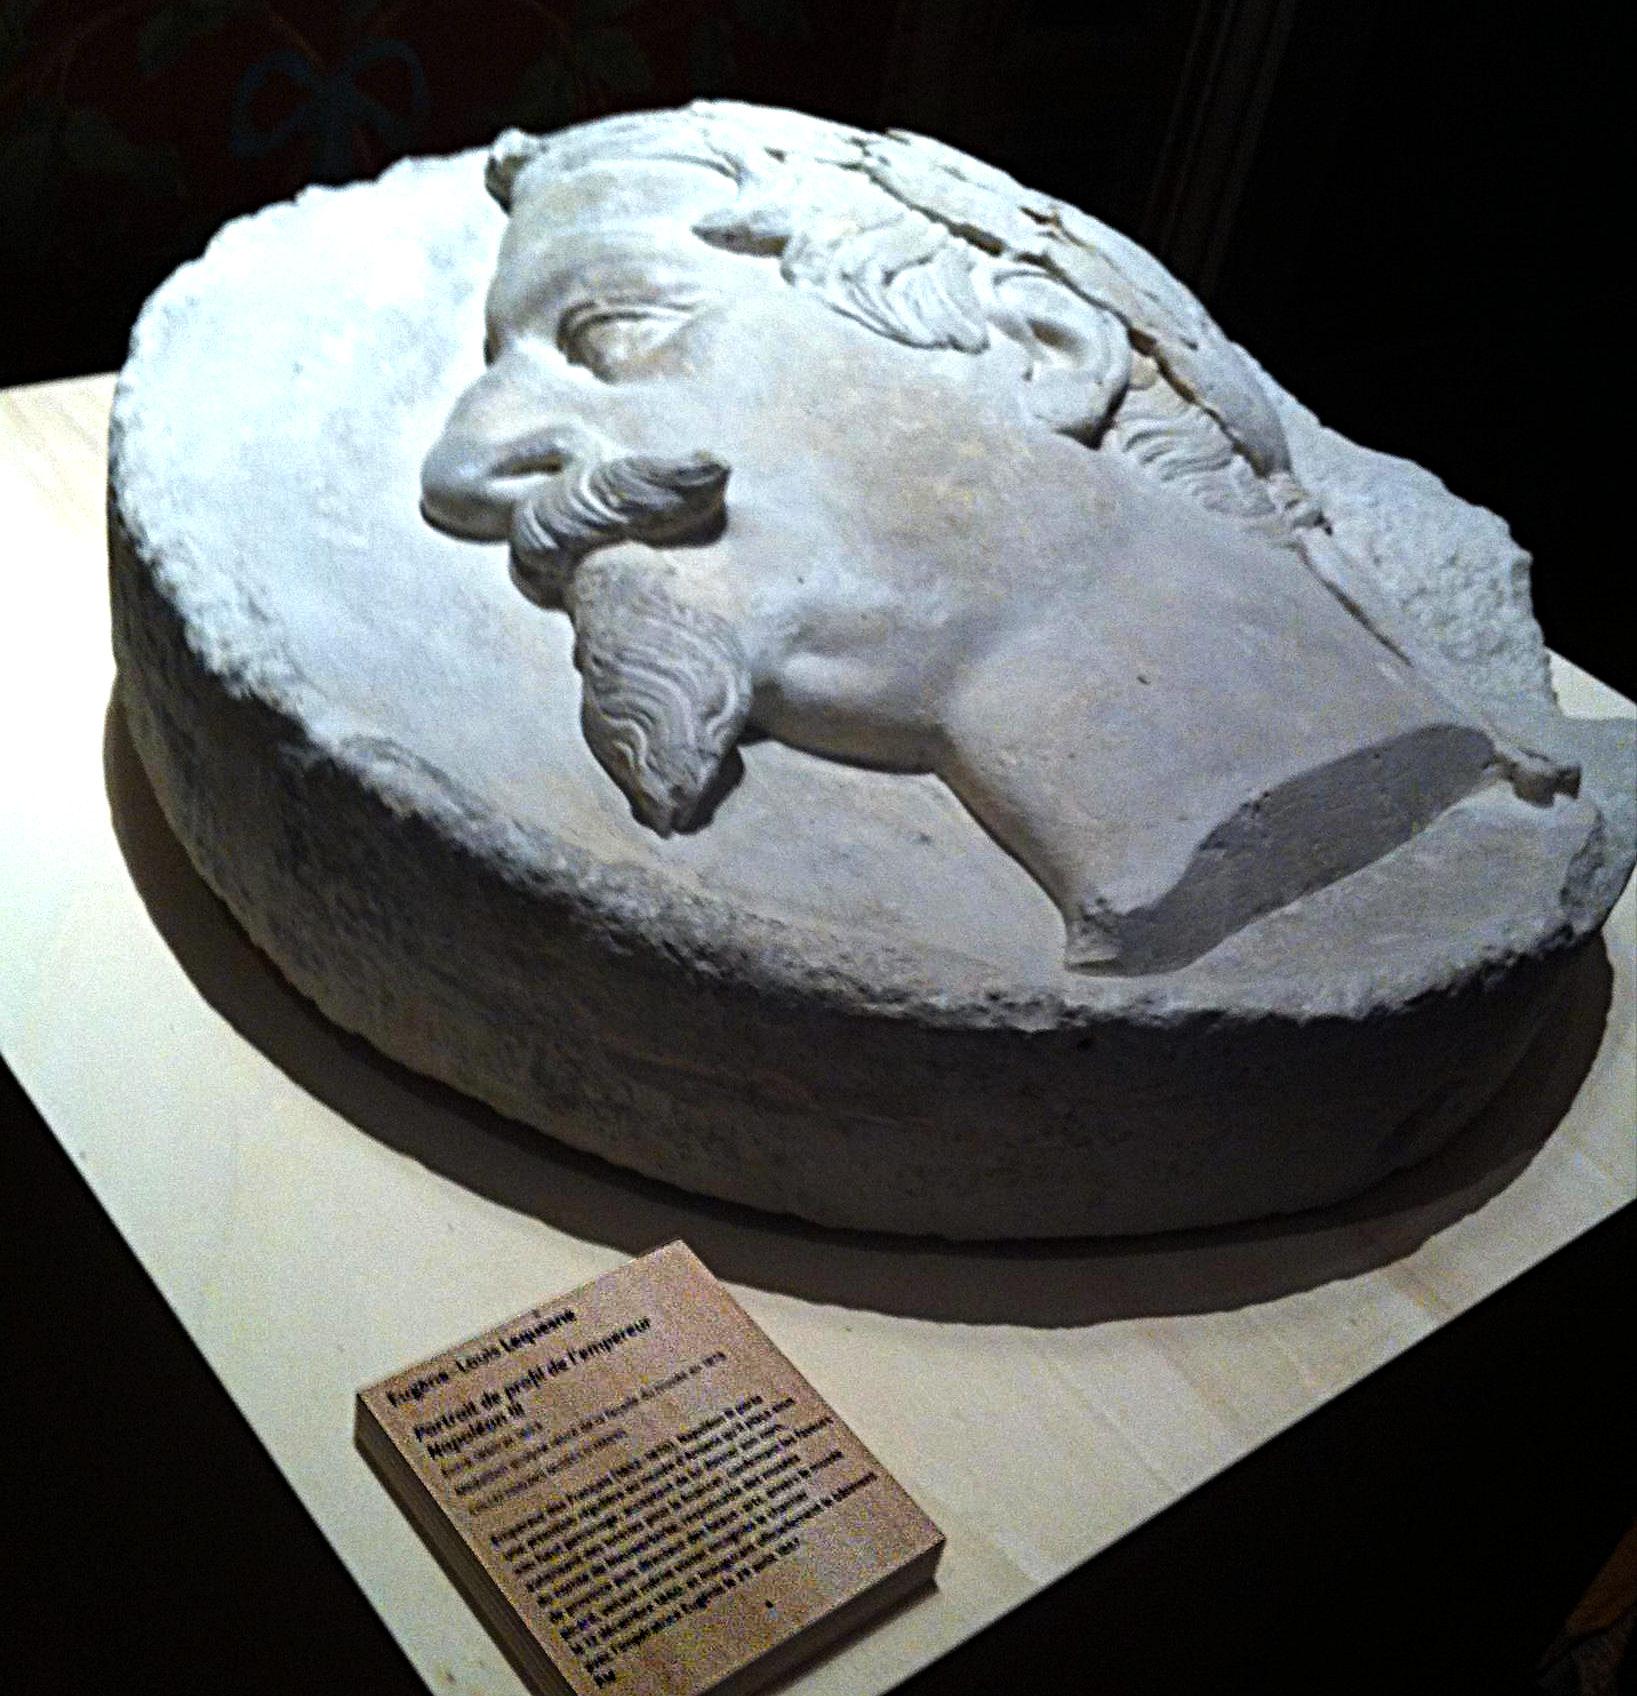 Médaillon à l'effigie de Napoléon III